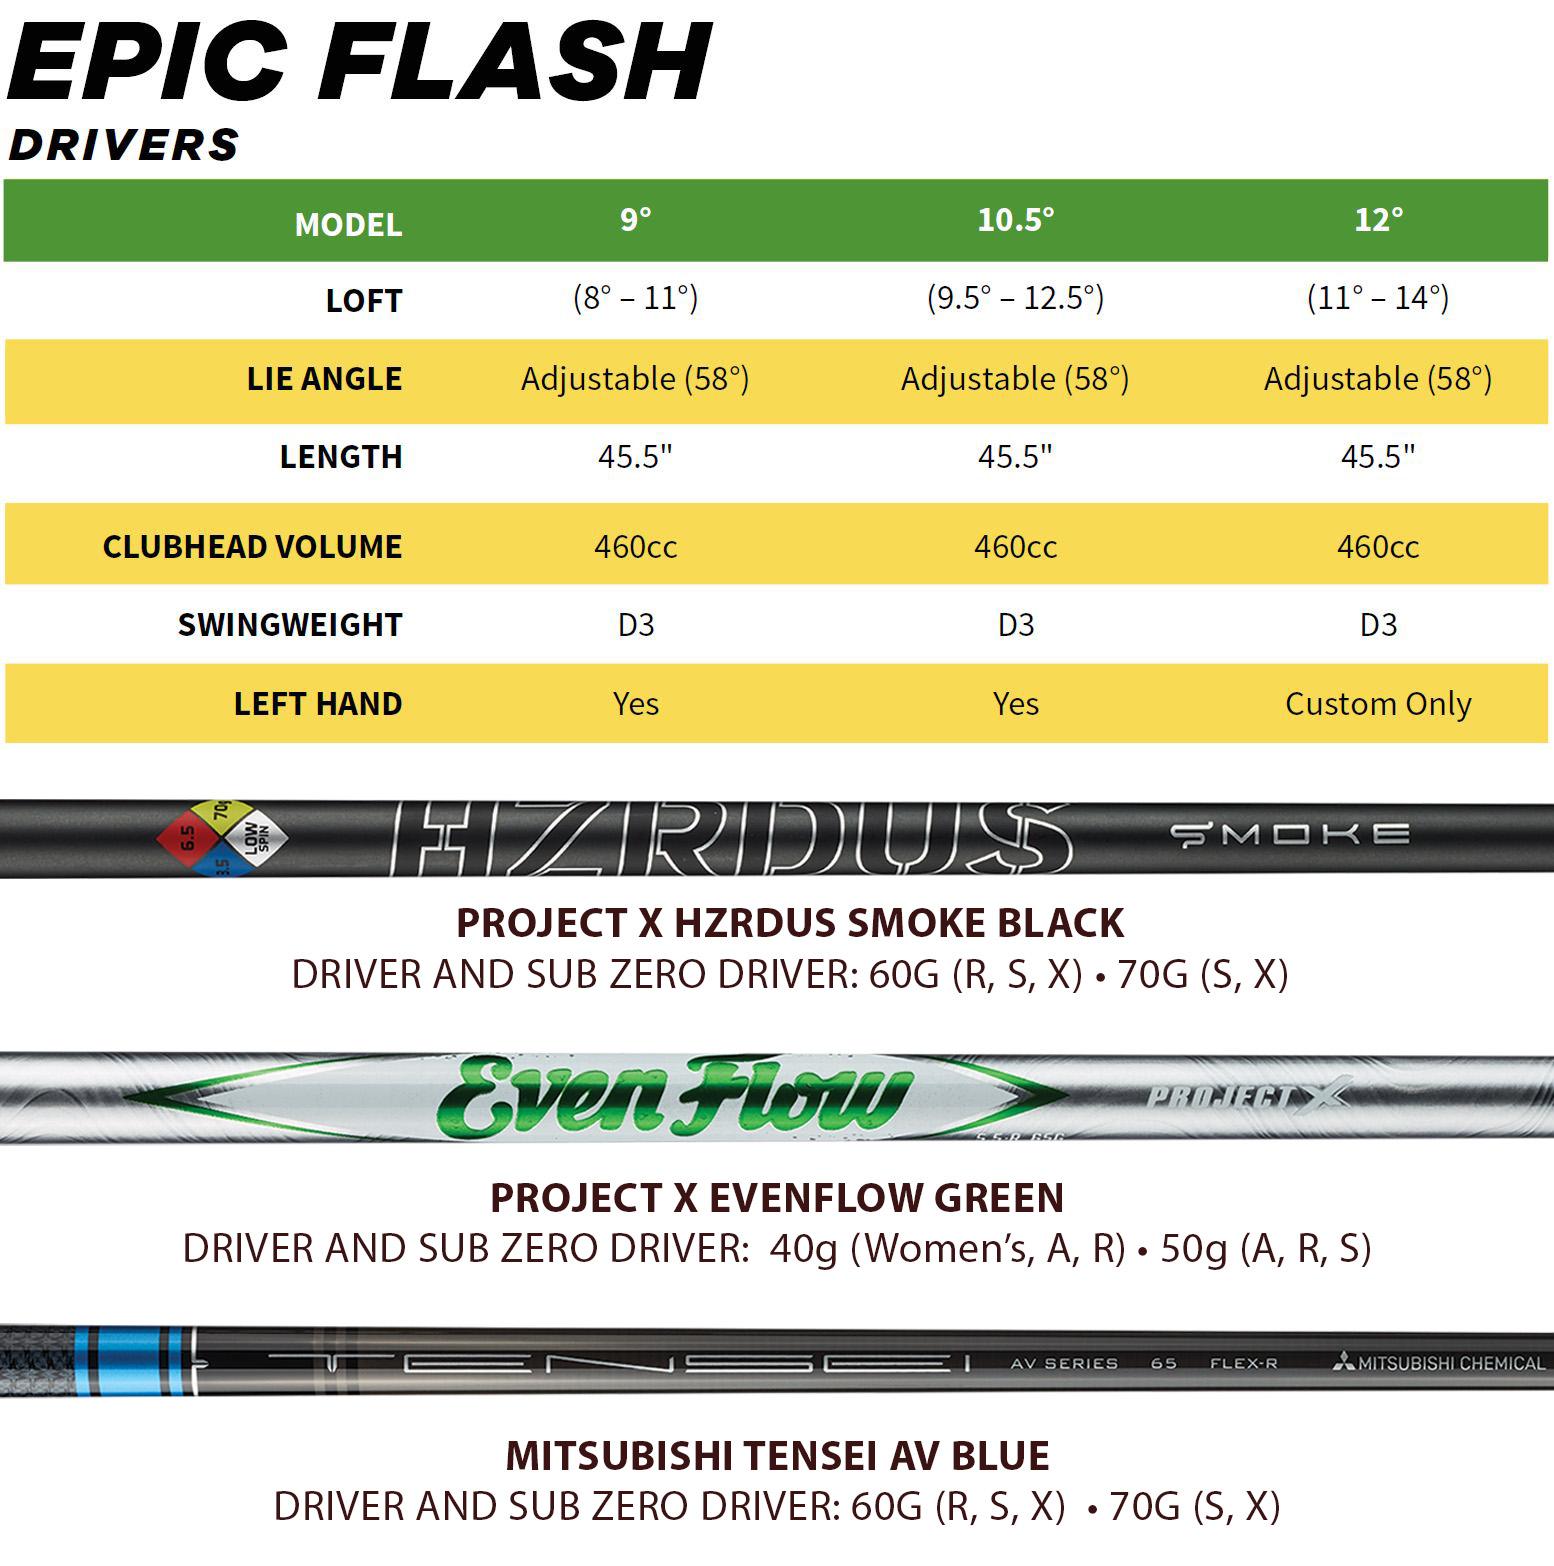 Epic Flash Driver Tech Specs